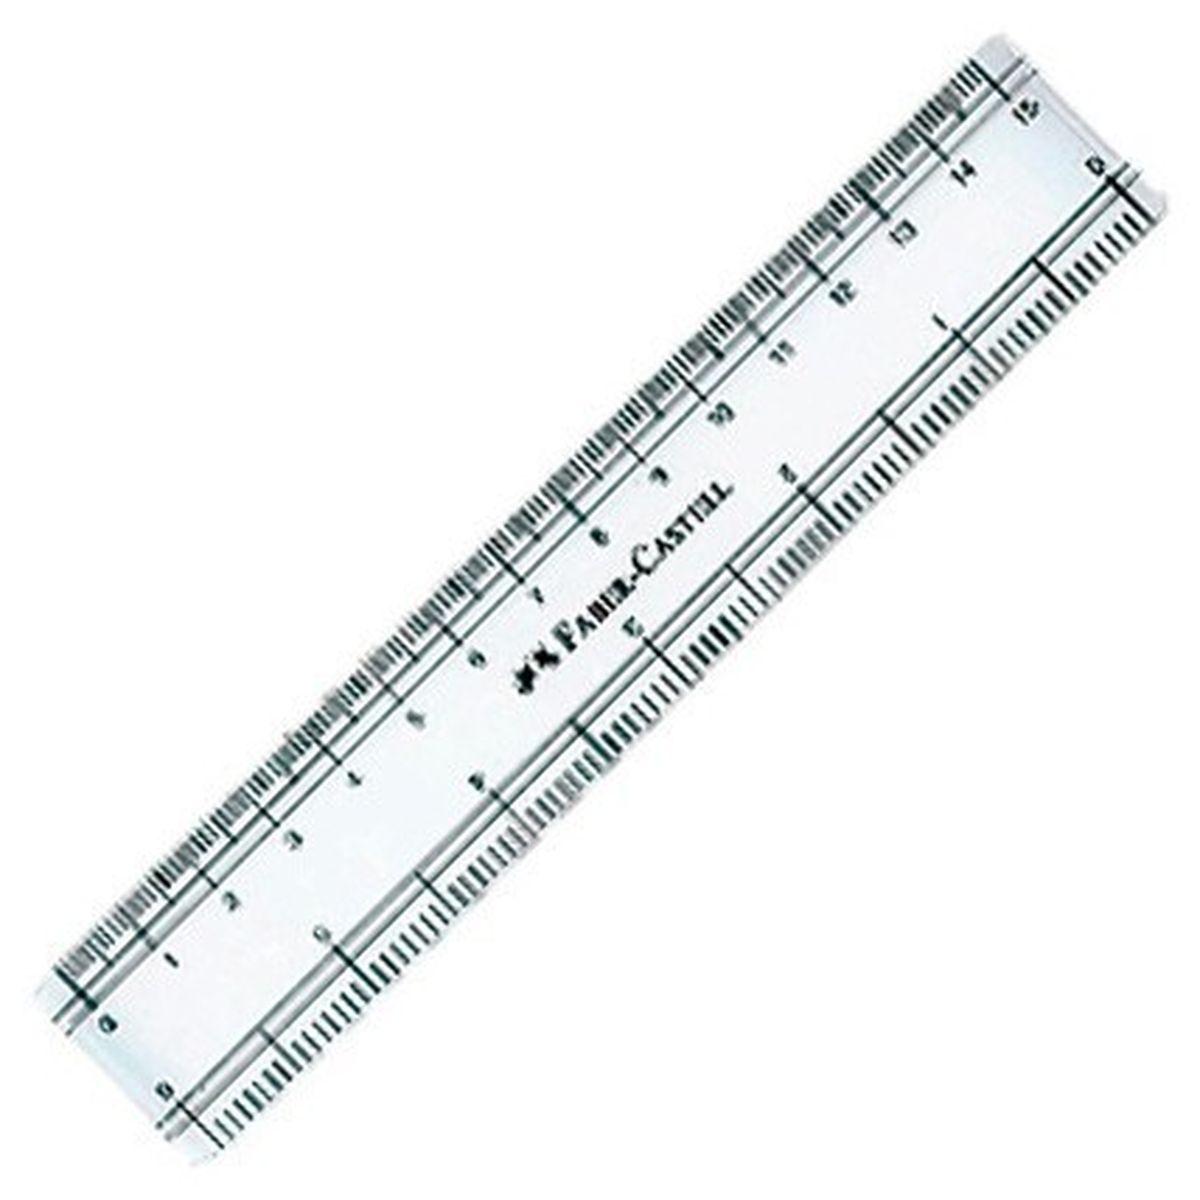 Faber-Castell Линейка 15 см72523WDЛинейка Faber-Castell настолько прочная и удобная, что прекрасно подойдет как для школьного технического черчения, так и для более профессиональных измерительных или чертёжных работ. Изделие выполнено из качественного прозрачного пластика и имеет закругленные углы.Длина линейки -15 см.